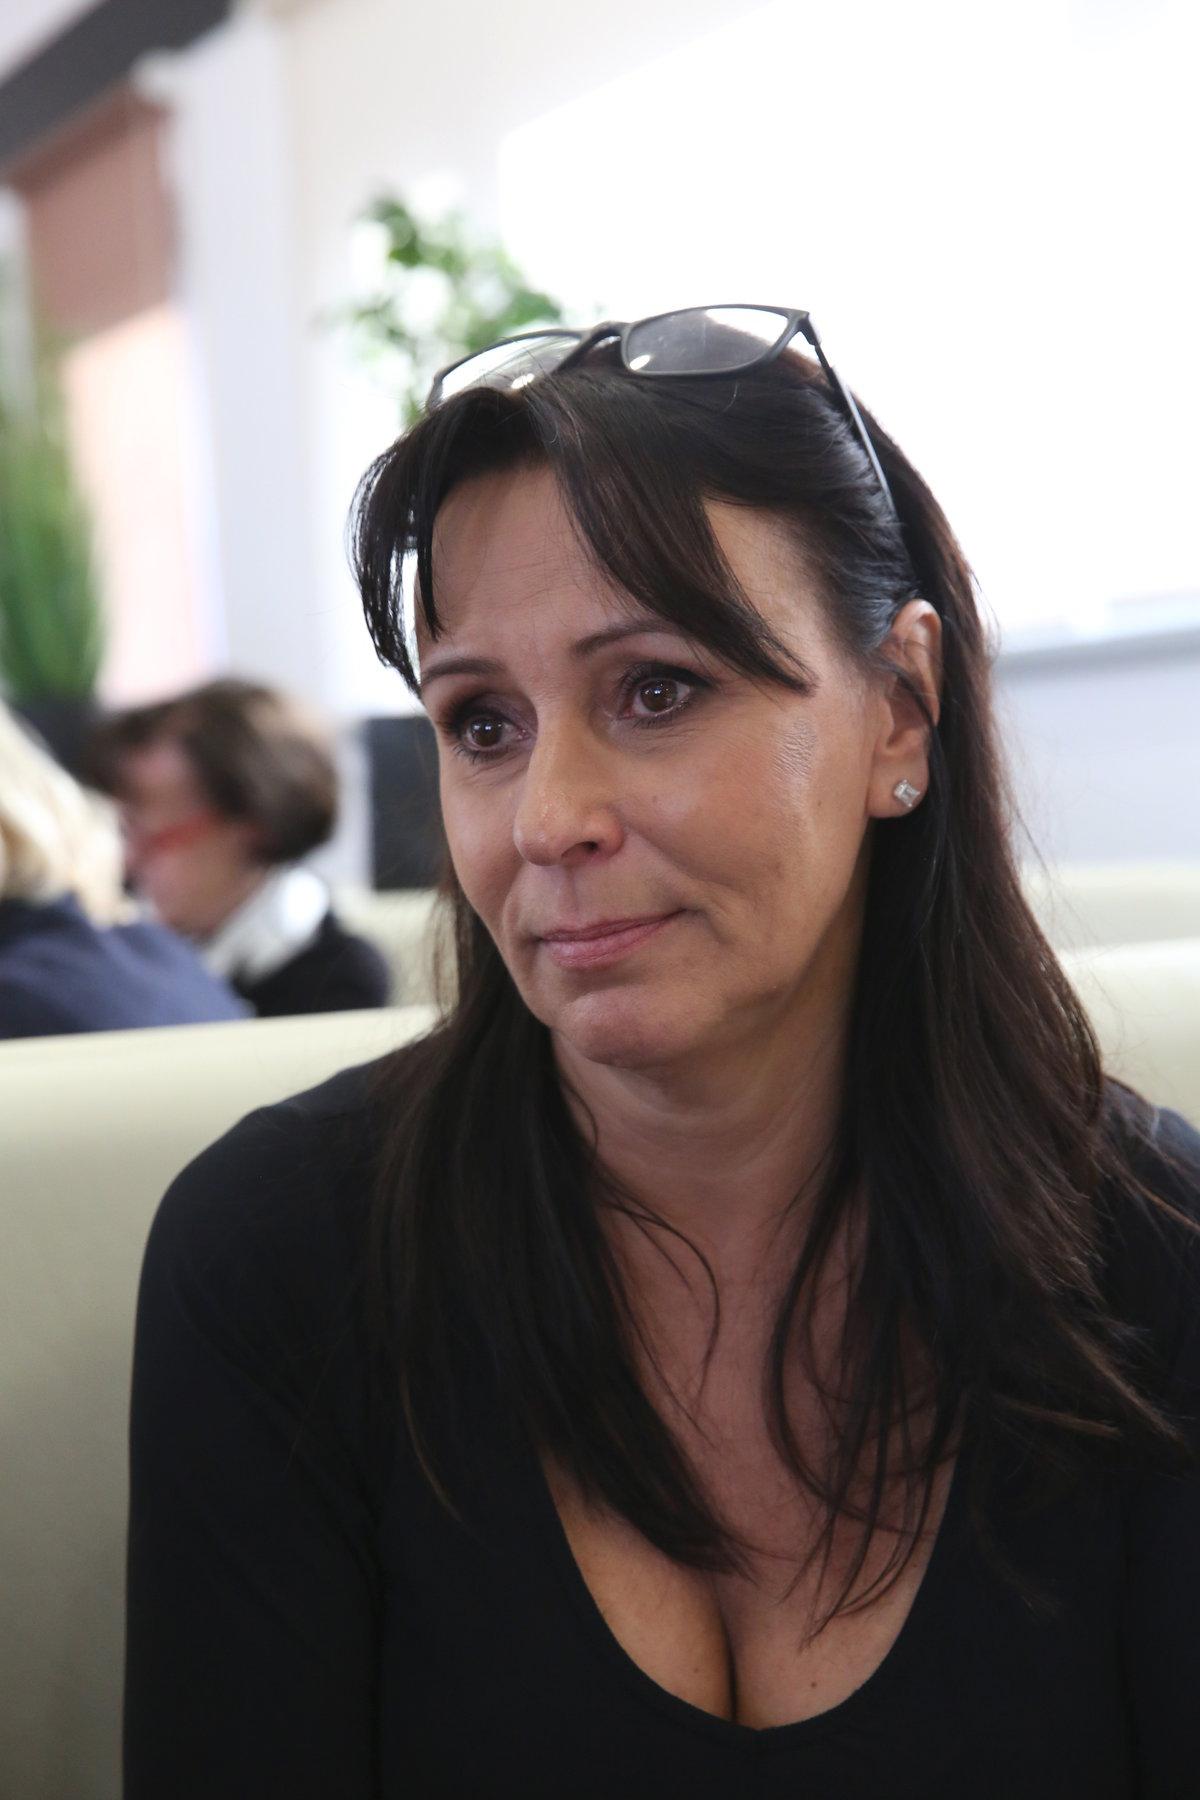 Zoufalá Heidi Janků touží vidět svého prasynovce a prosí čtenáře o pomoc.